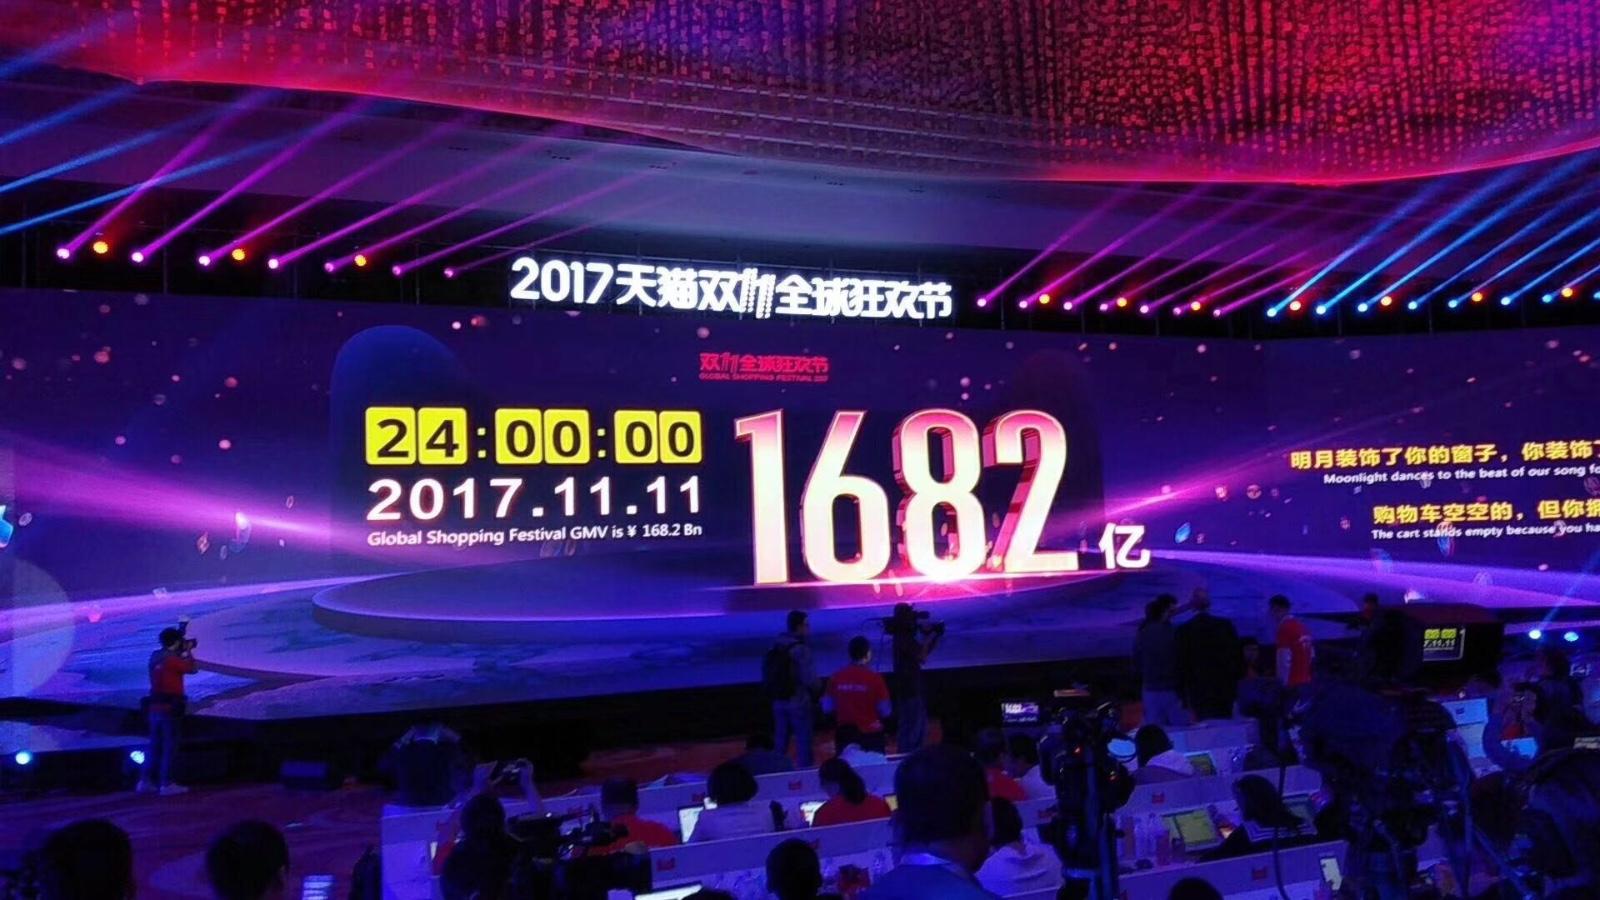 天猫双十一成交额总计1682亿,户外运动板块耐克稳居第一,安踏品牌进步明显